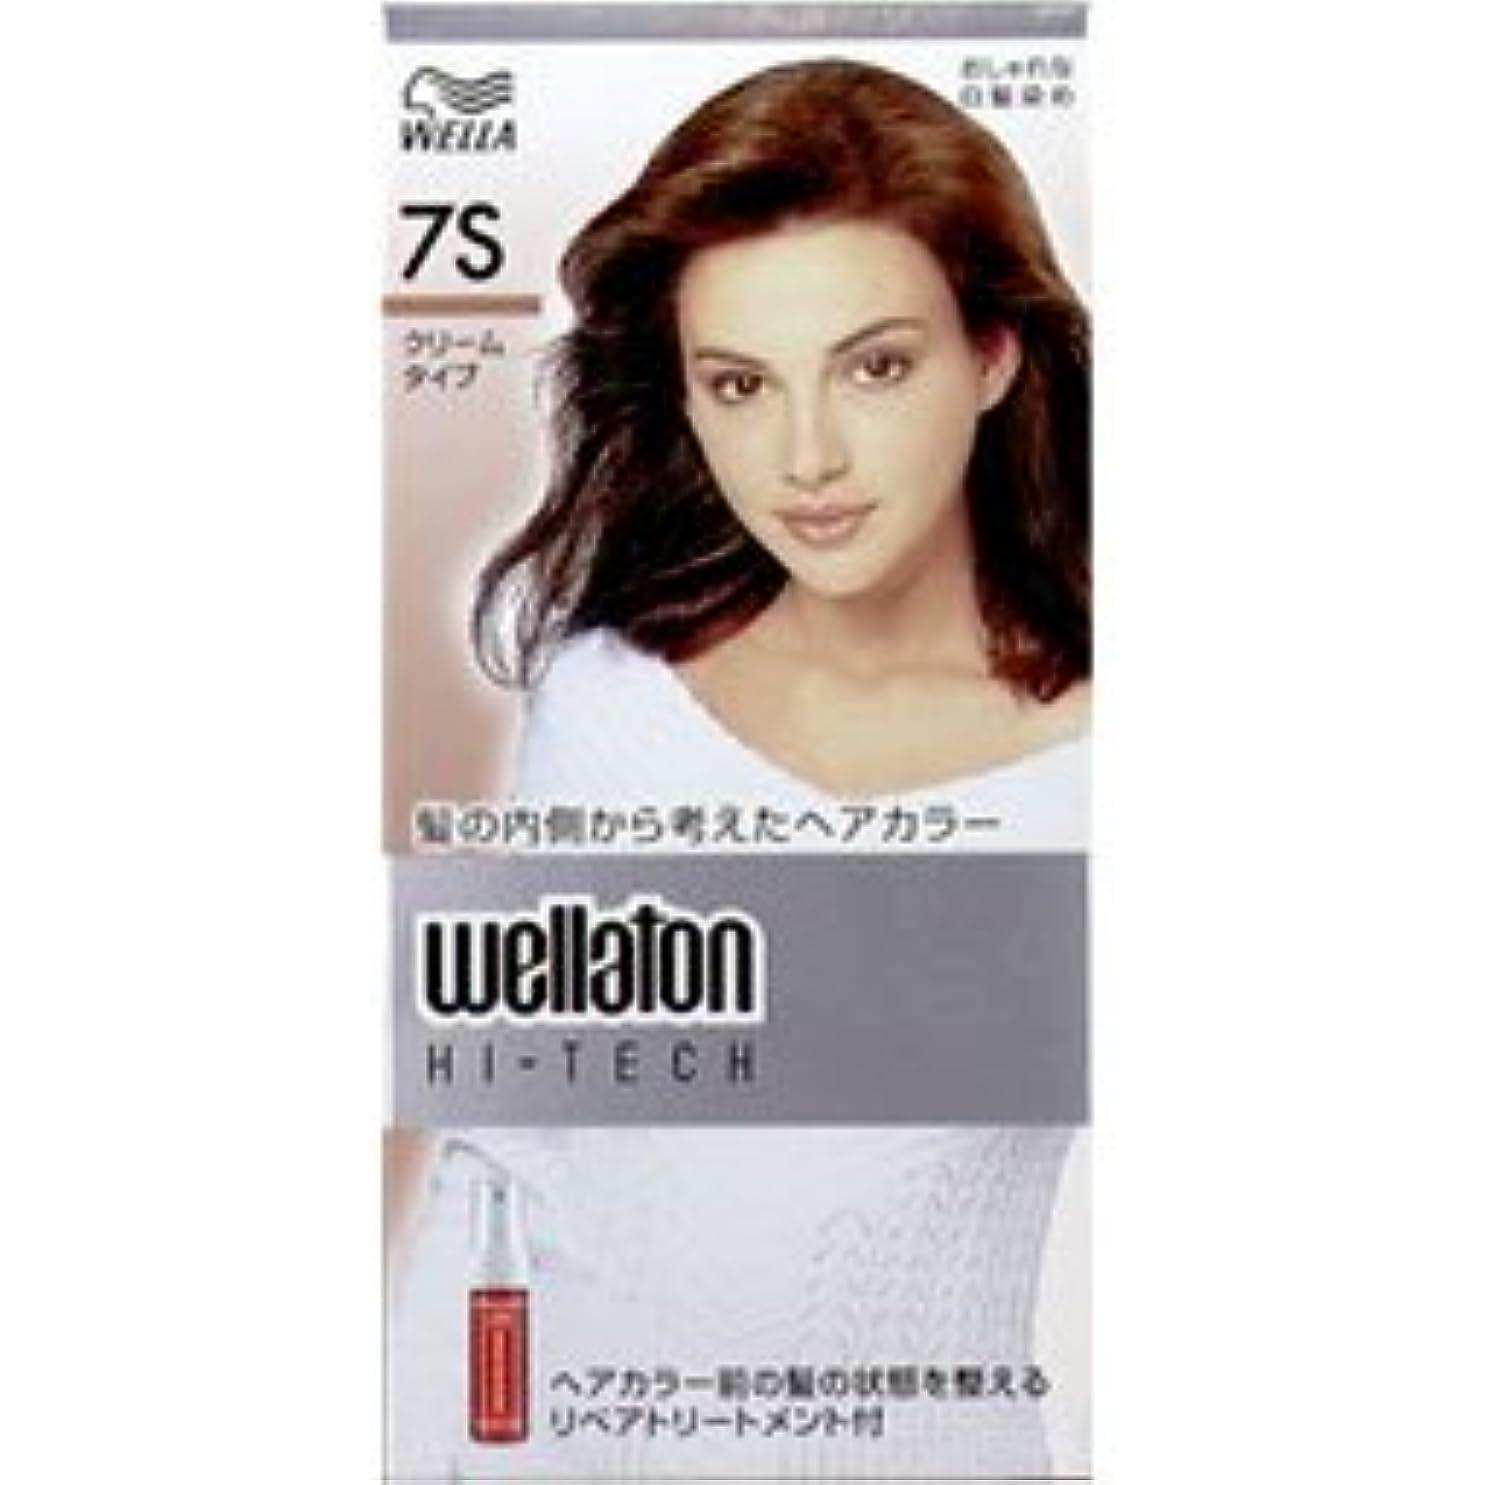 マサッチョスラッシュシネマ【ヘアケア】P&G ウエラ ウエラトーン ハイテッククリーム 7S 透明感のある明るい栗色 (医薬部外品) 白髪染めヘアカラー(女性用)×24点セット (4902565140602)